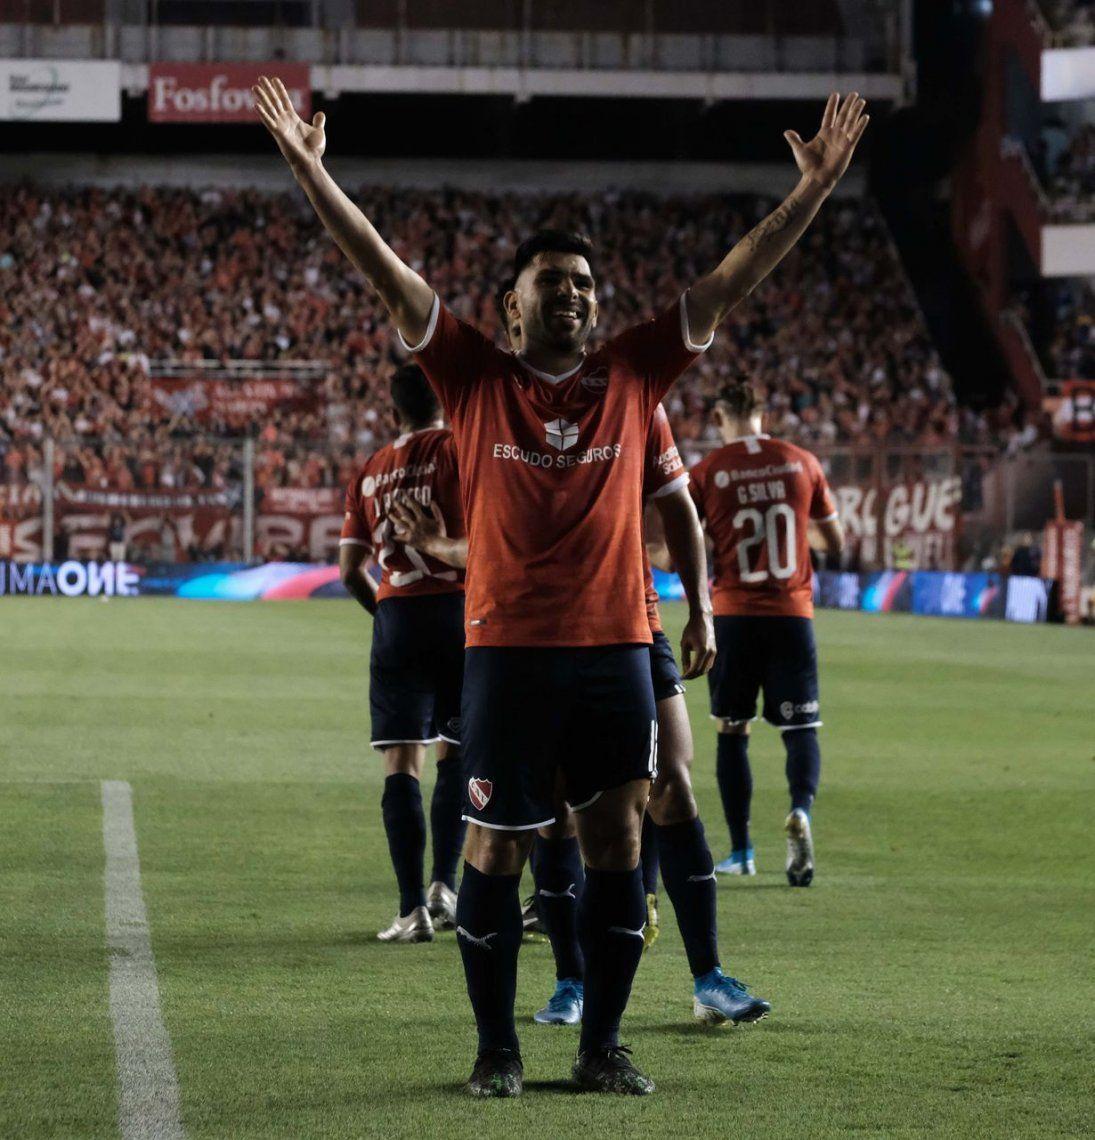 Tras los conflictos con la dirigencia, Silvio Romero pone en duda su futuro en Independiente